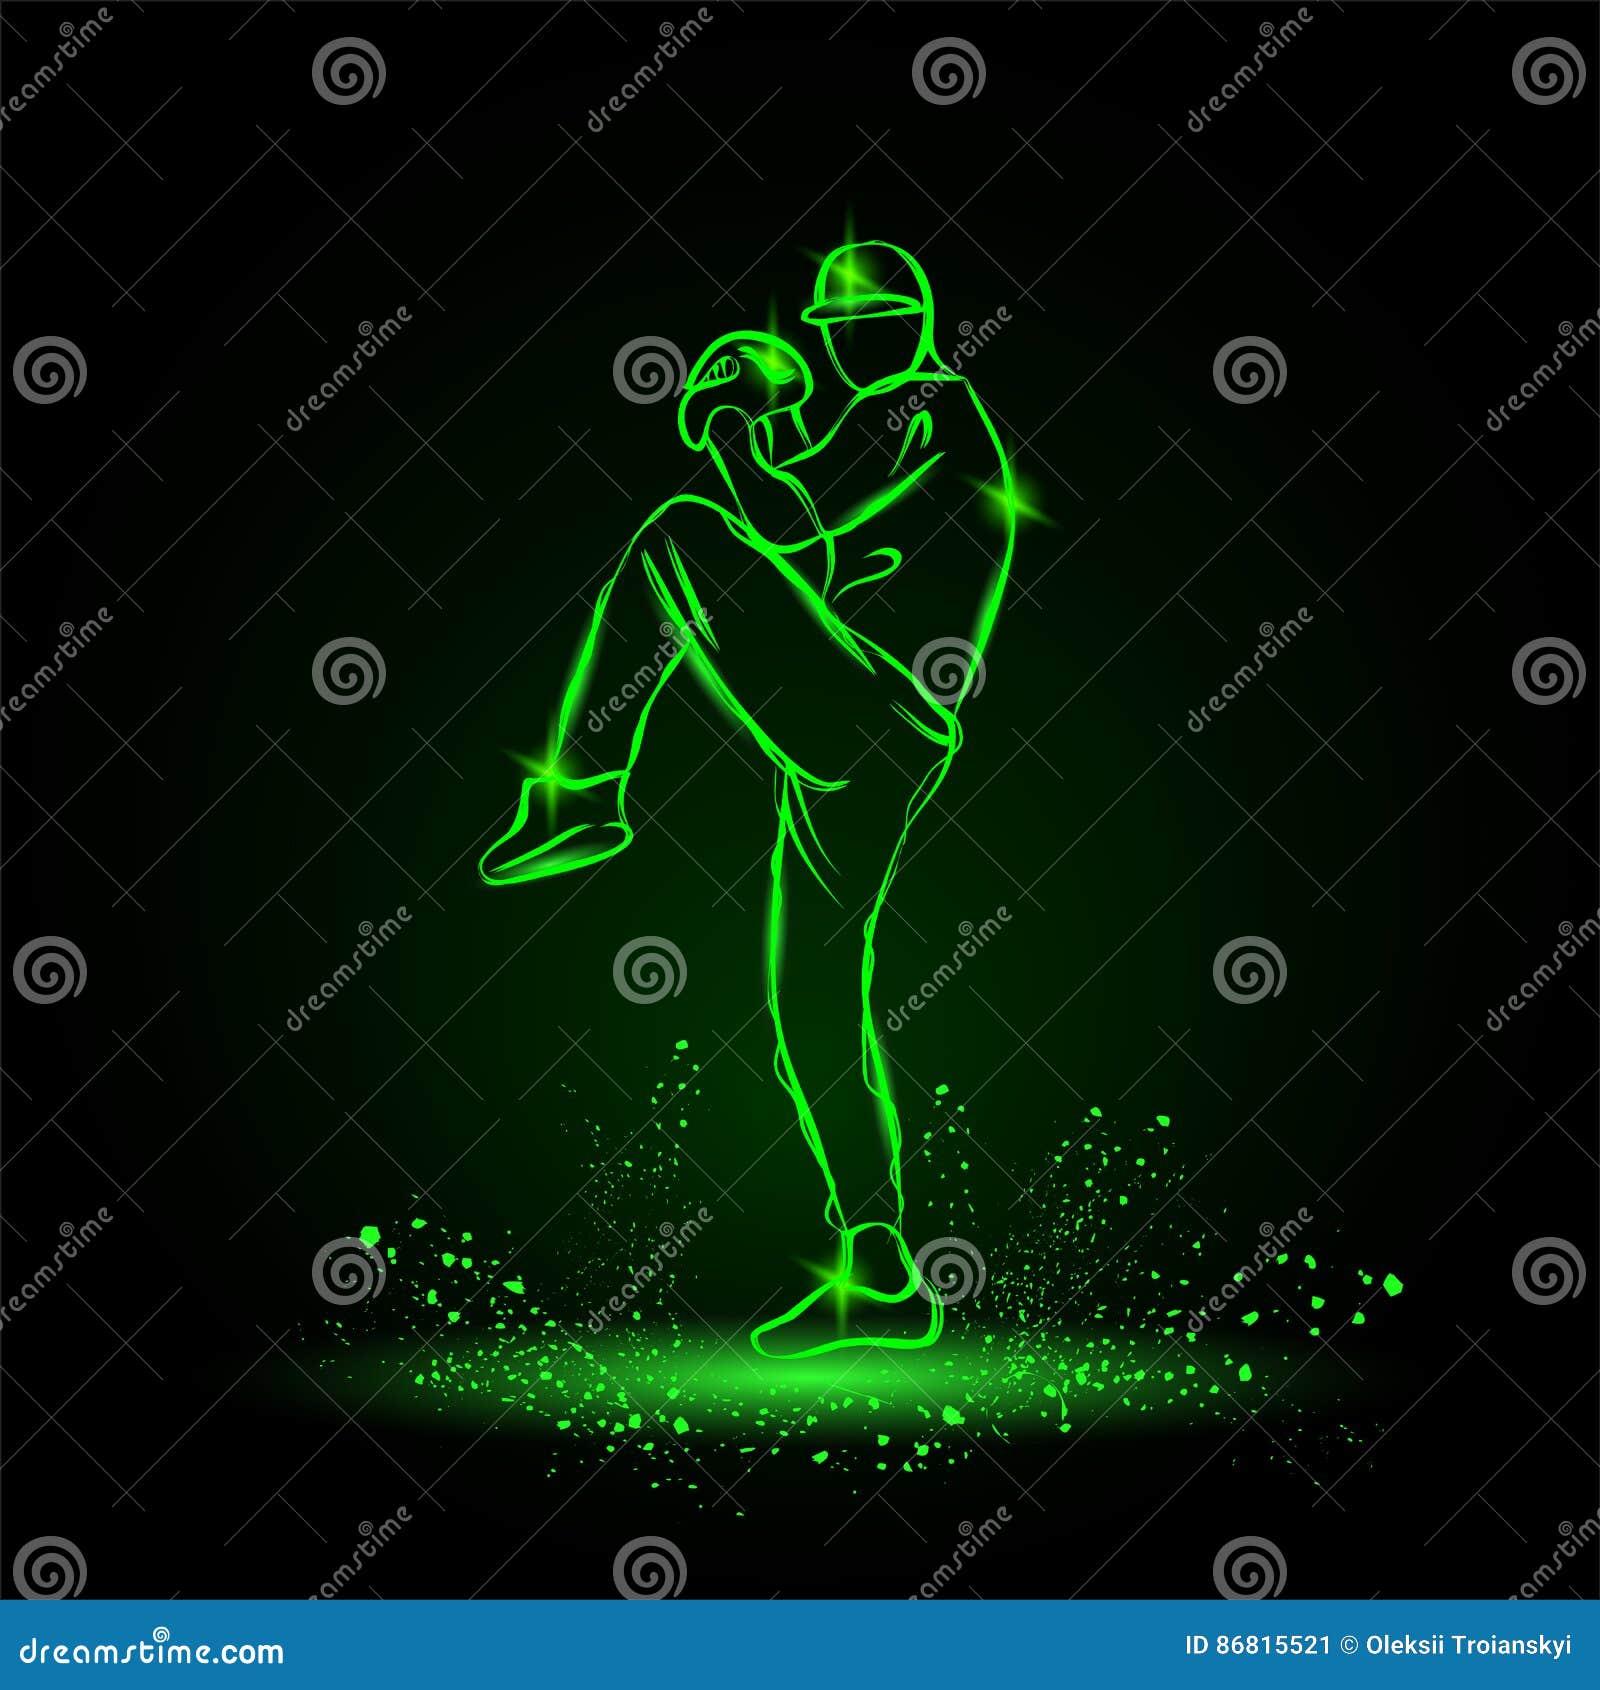 Baseball-Spieler-Werfer mit dem Bein, das oben fertig wird, Ball zu werfen sechs Ikonen platziert auf einen schwarzen Hintergrund